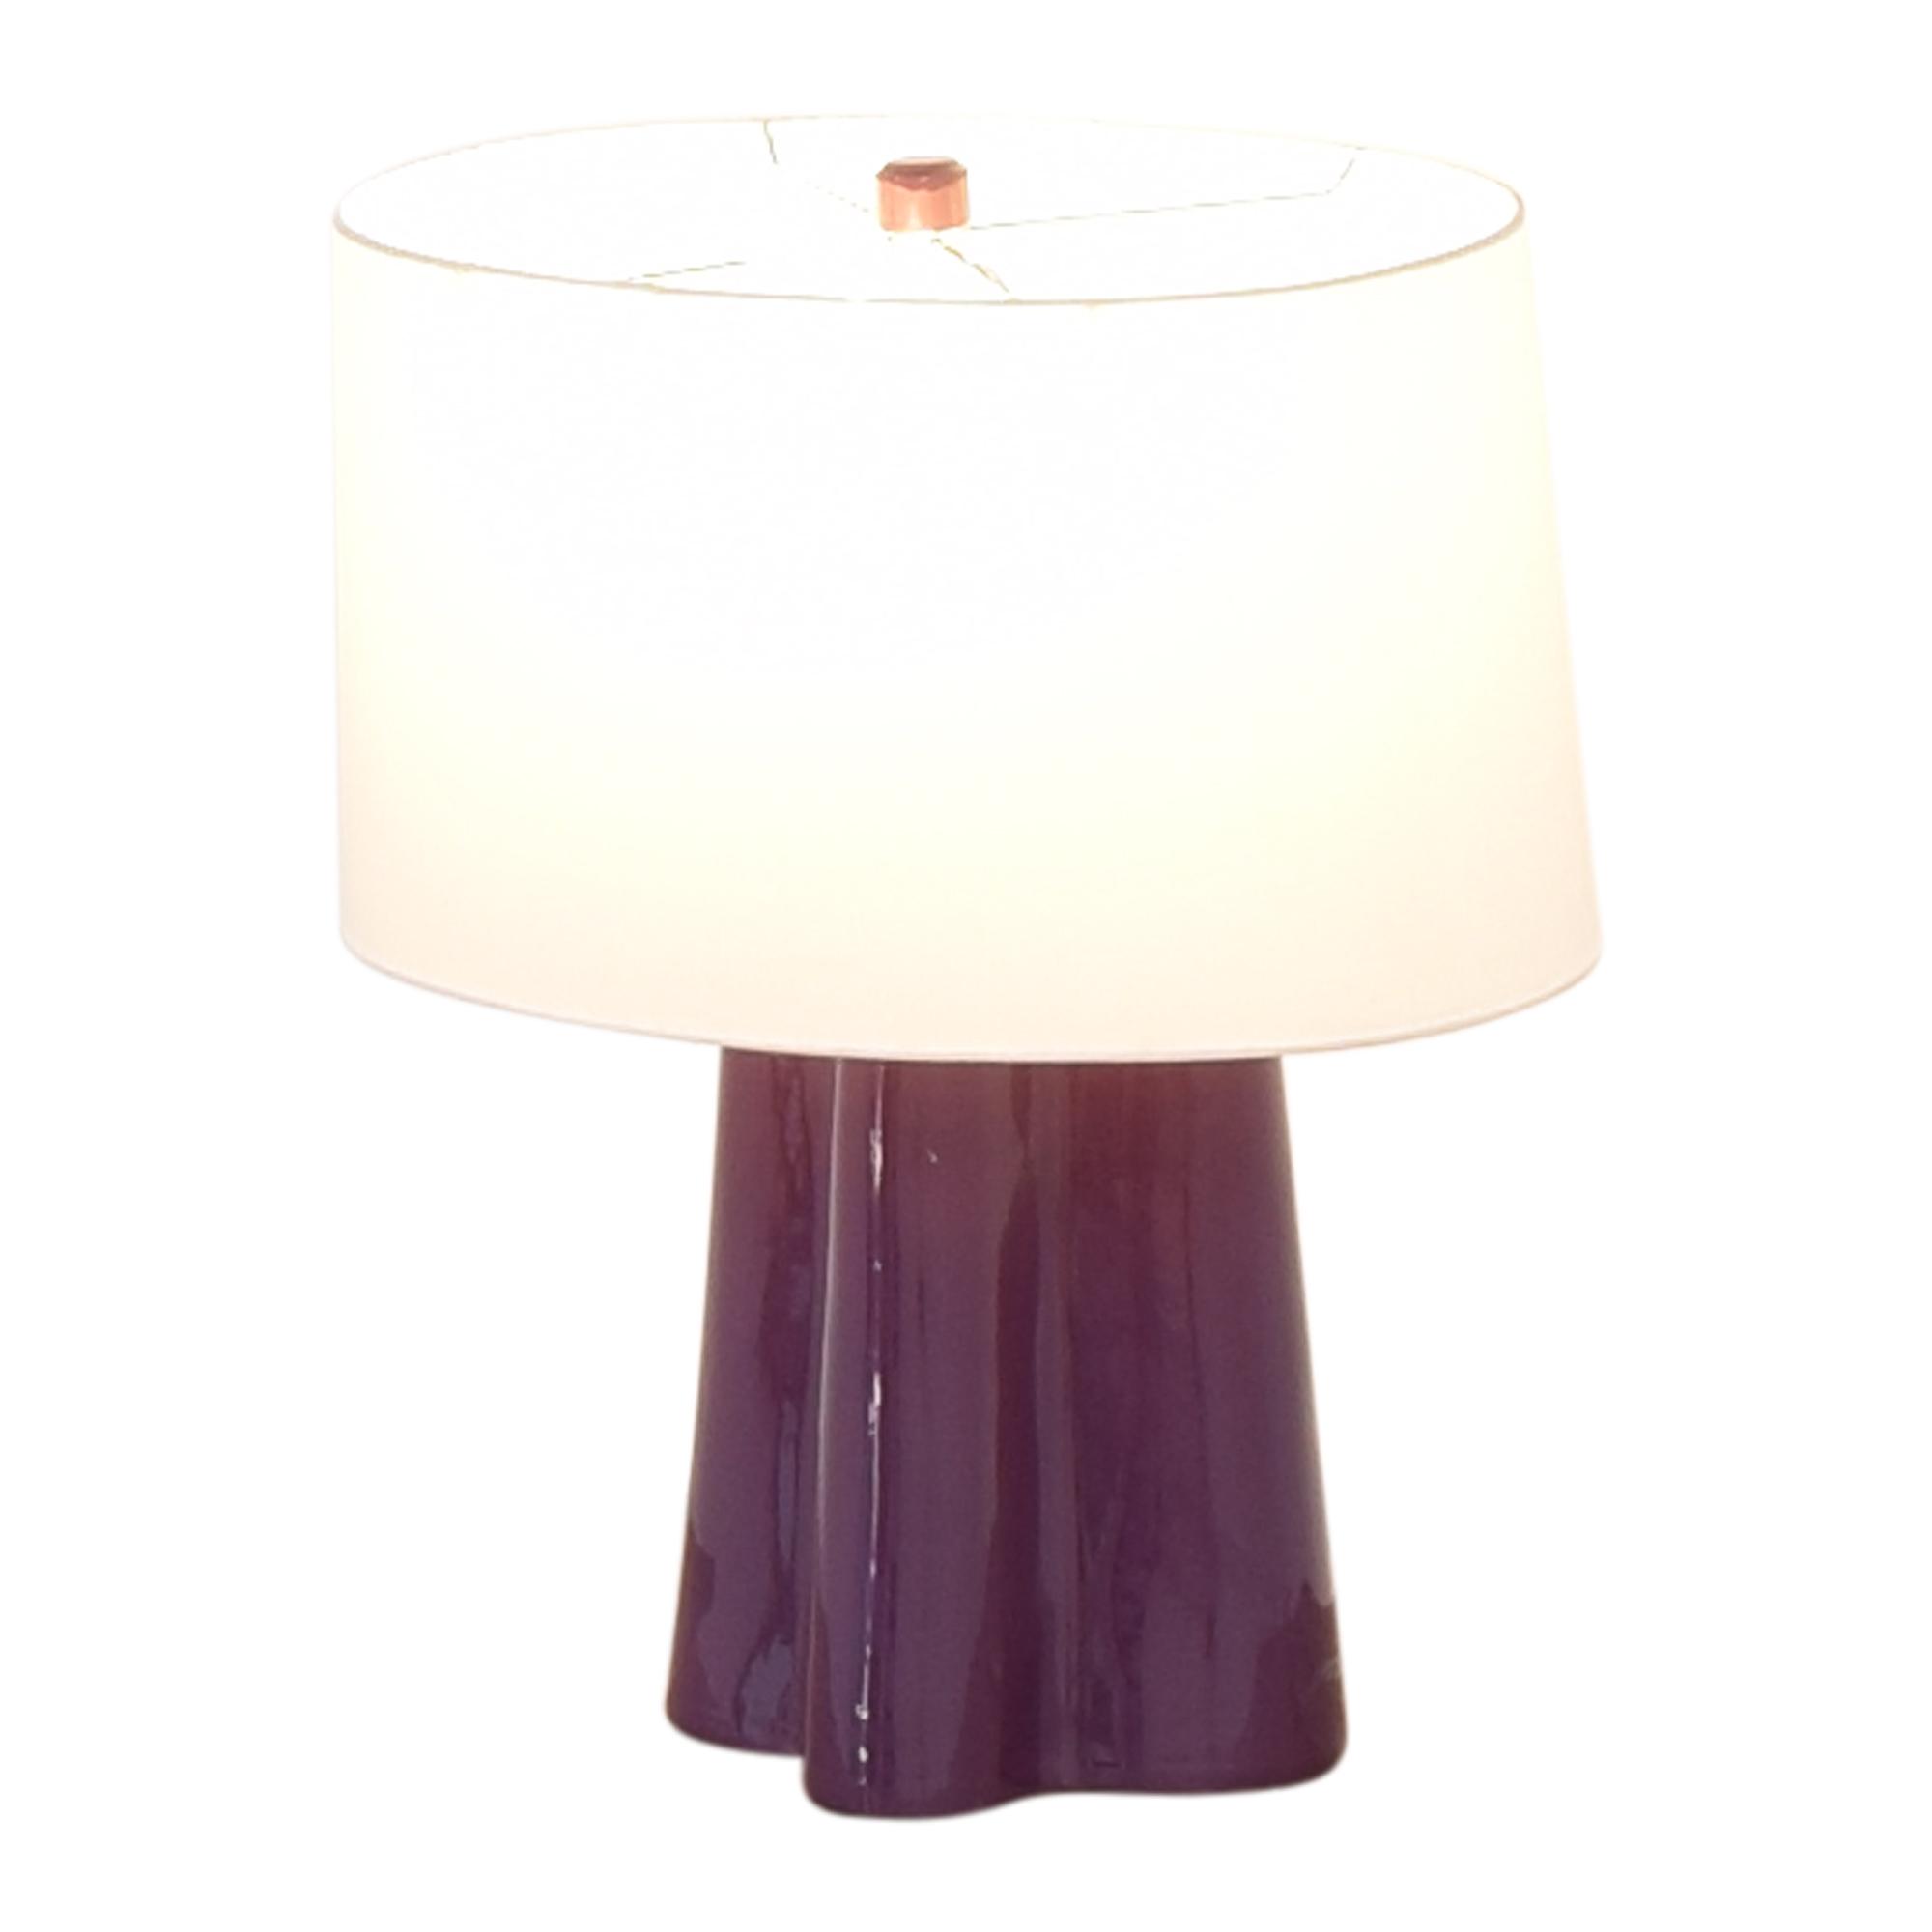 Jonathan Adler Jonathan Adler Table Lamp pa